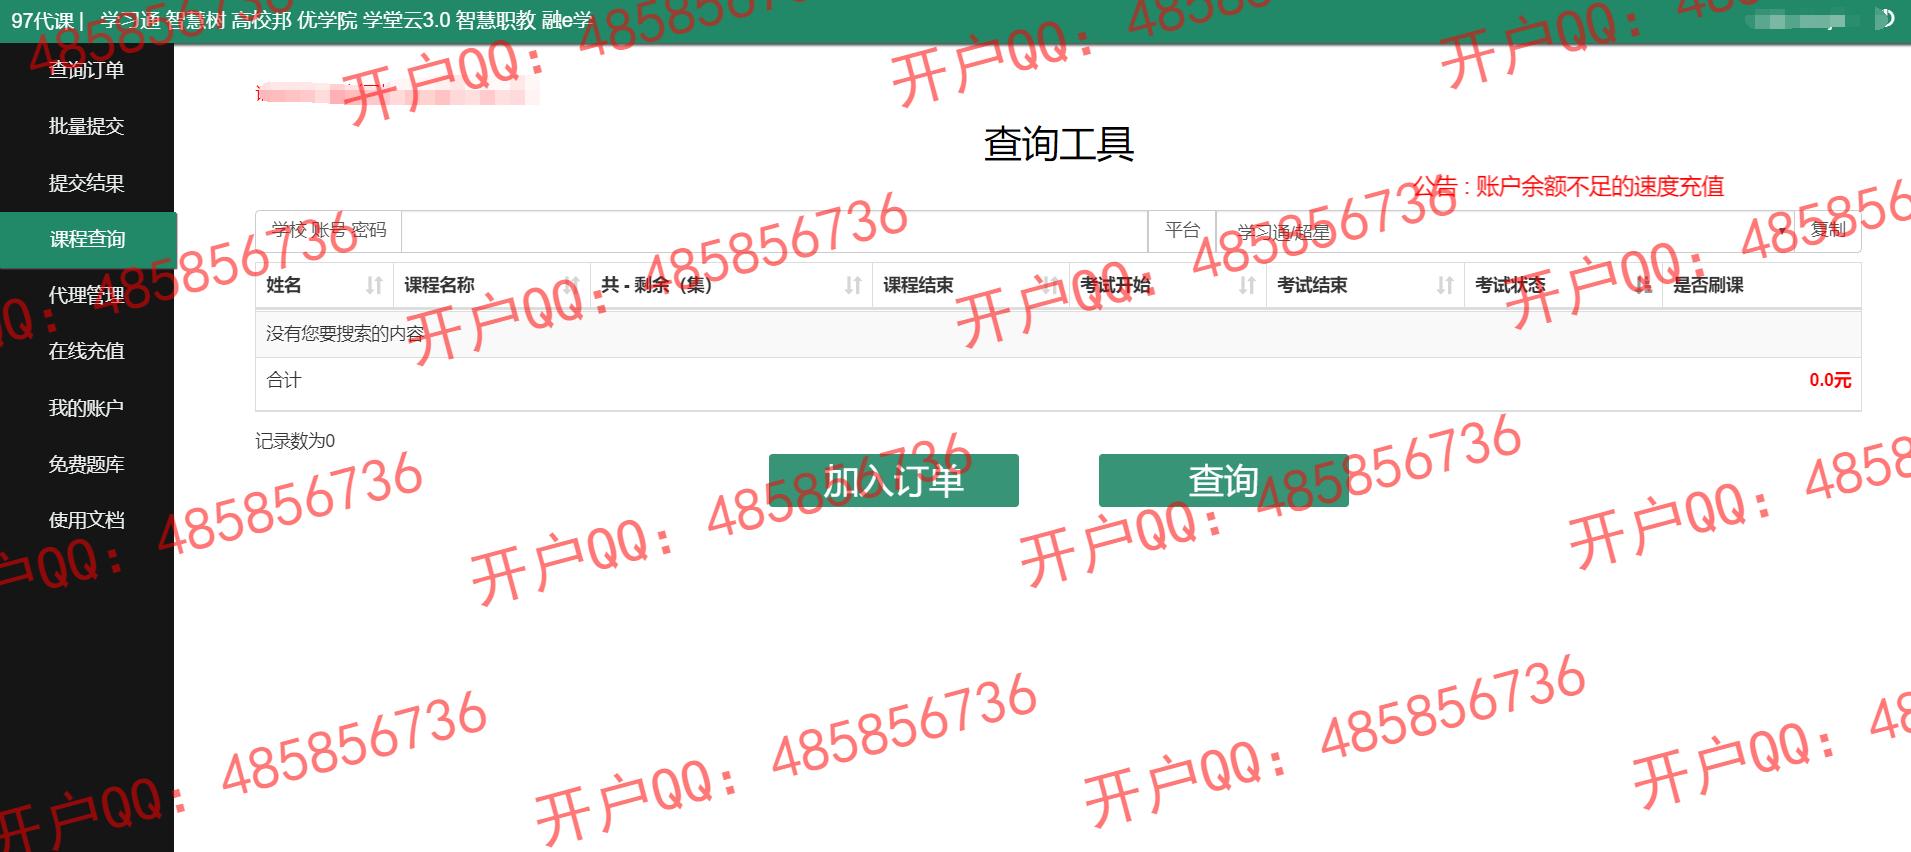 97网课平台—代理开户注册账号